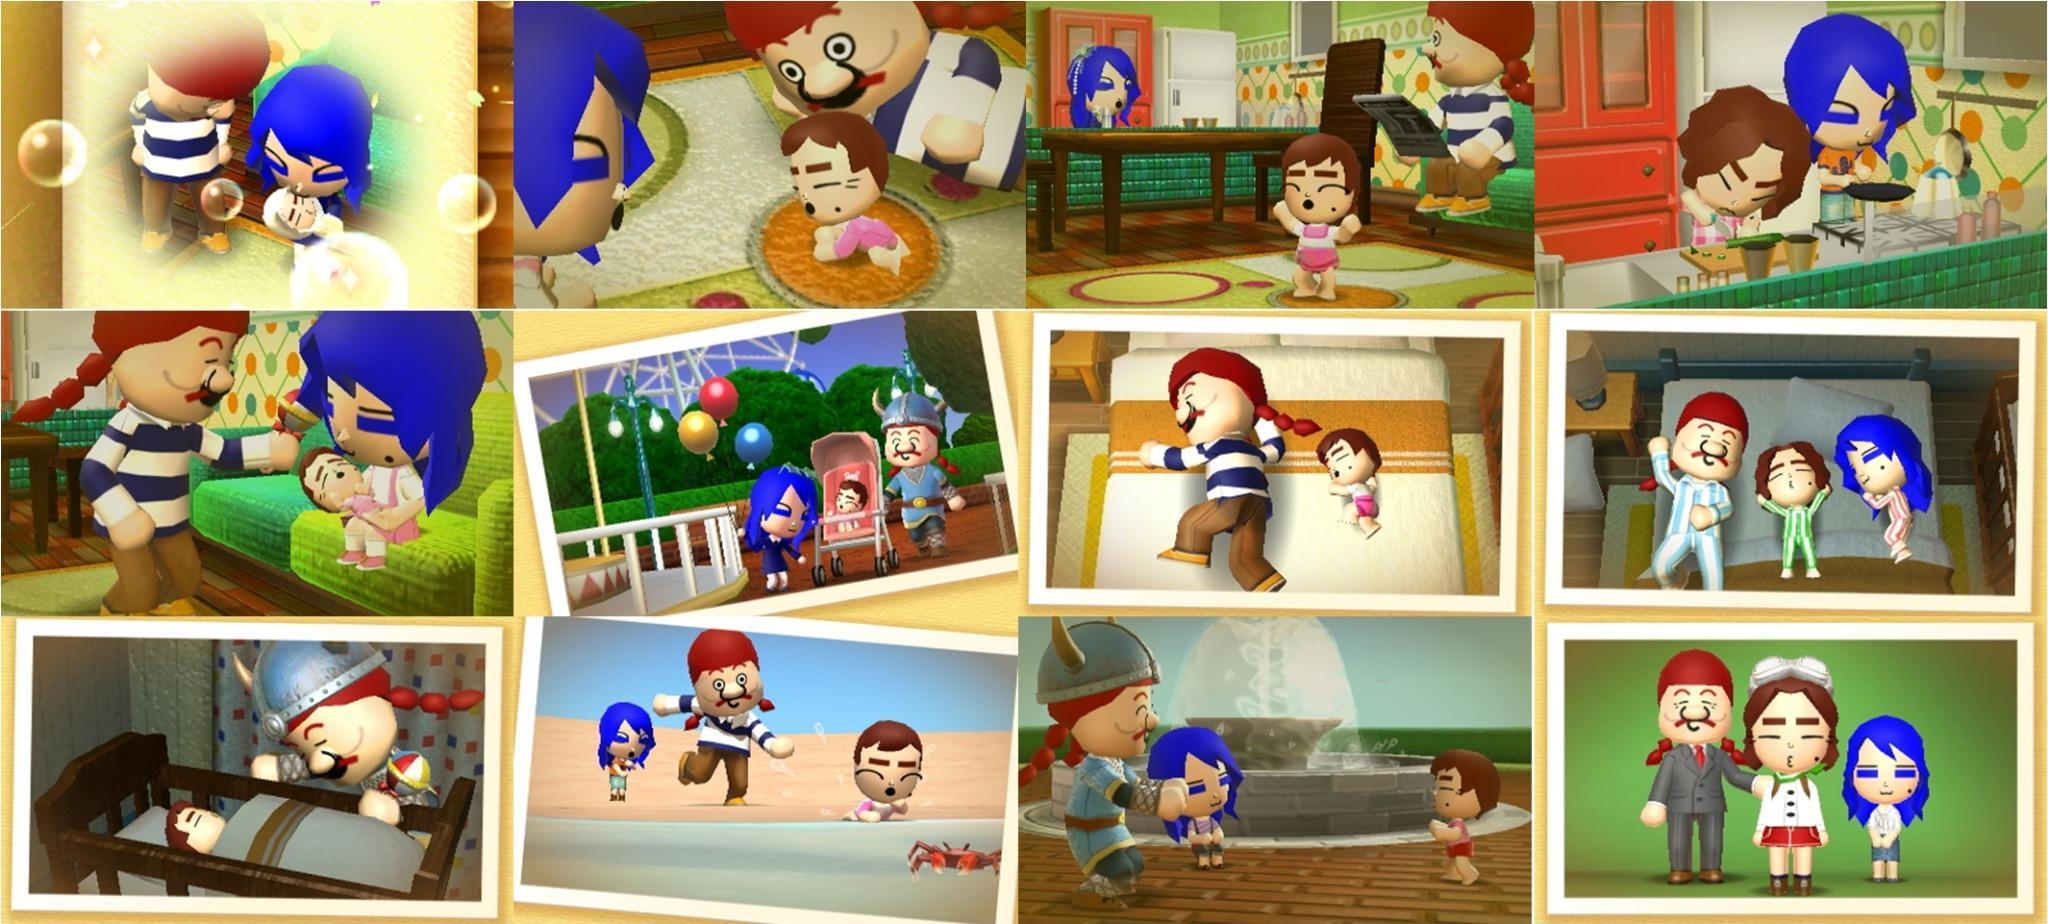 Screenshots - Página 17 BtlHjgECUAAkxbo